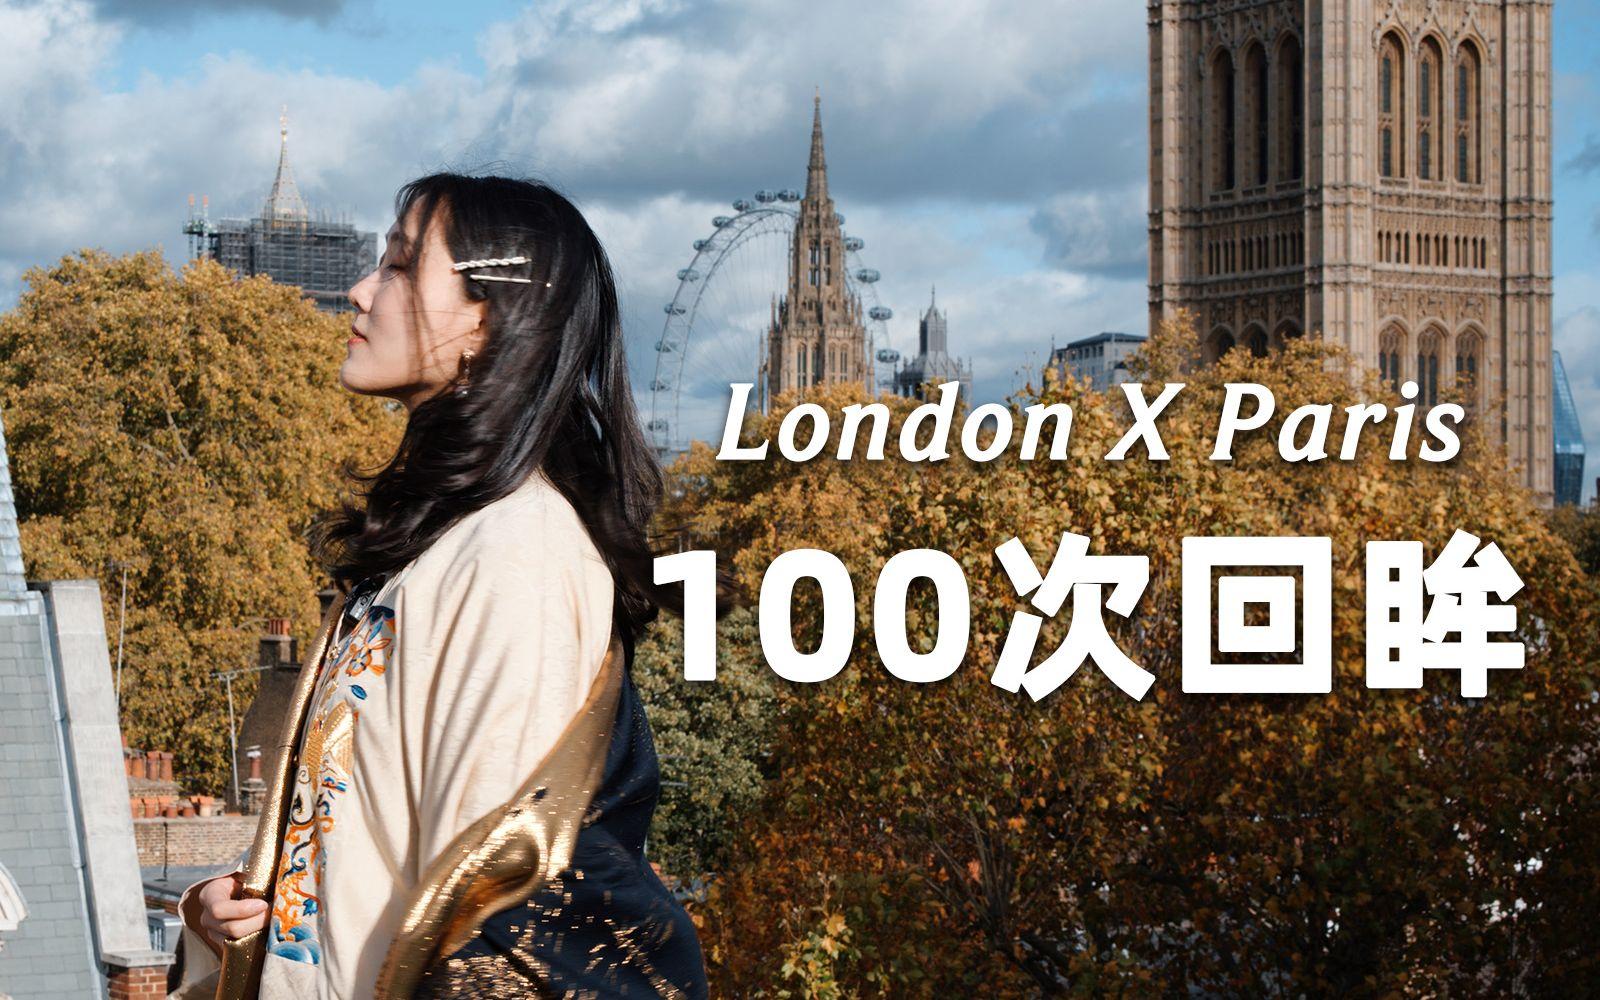 挑战100个回眸,穿汉服过伦敦x巴黎